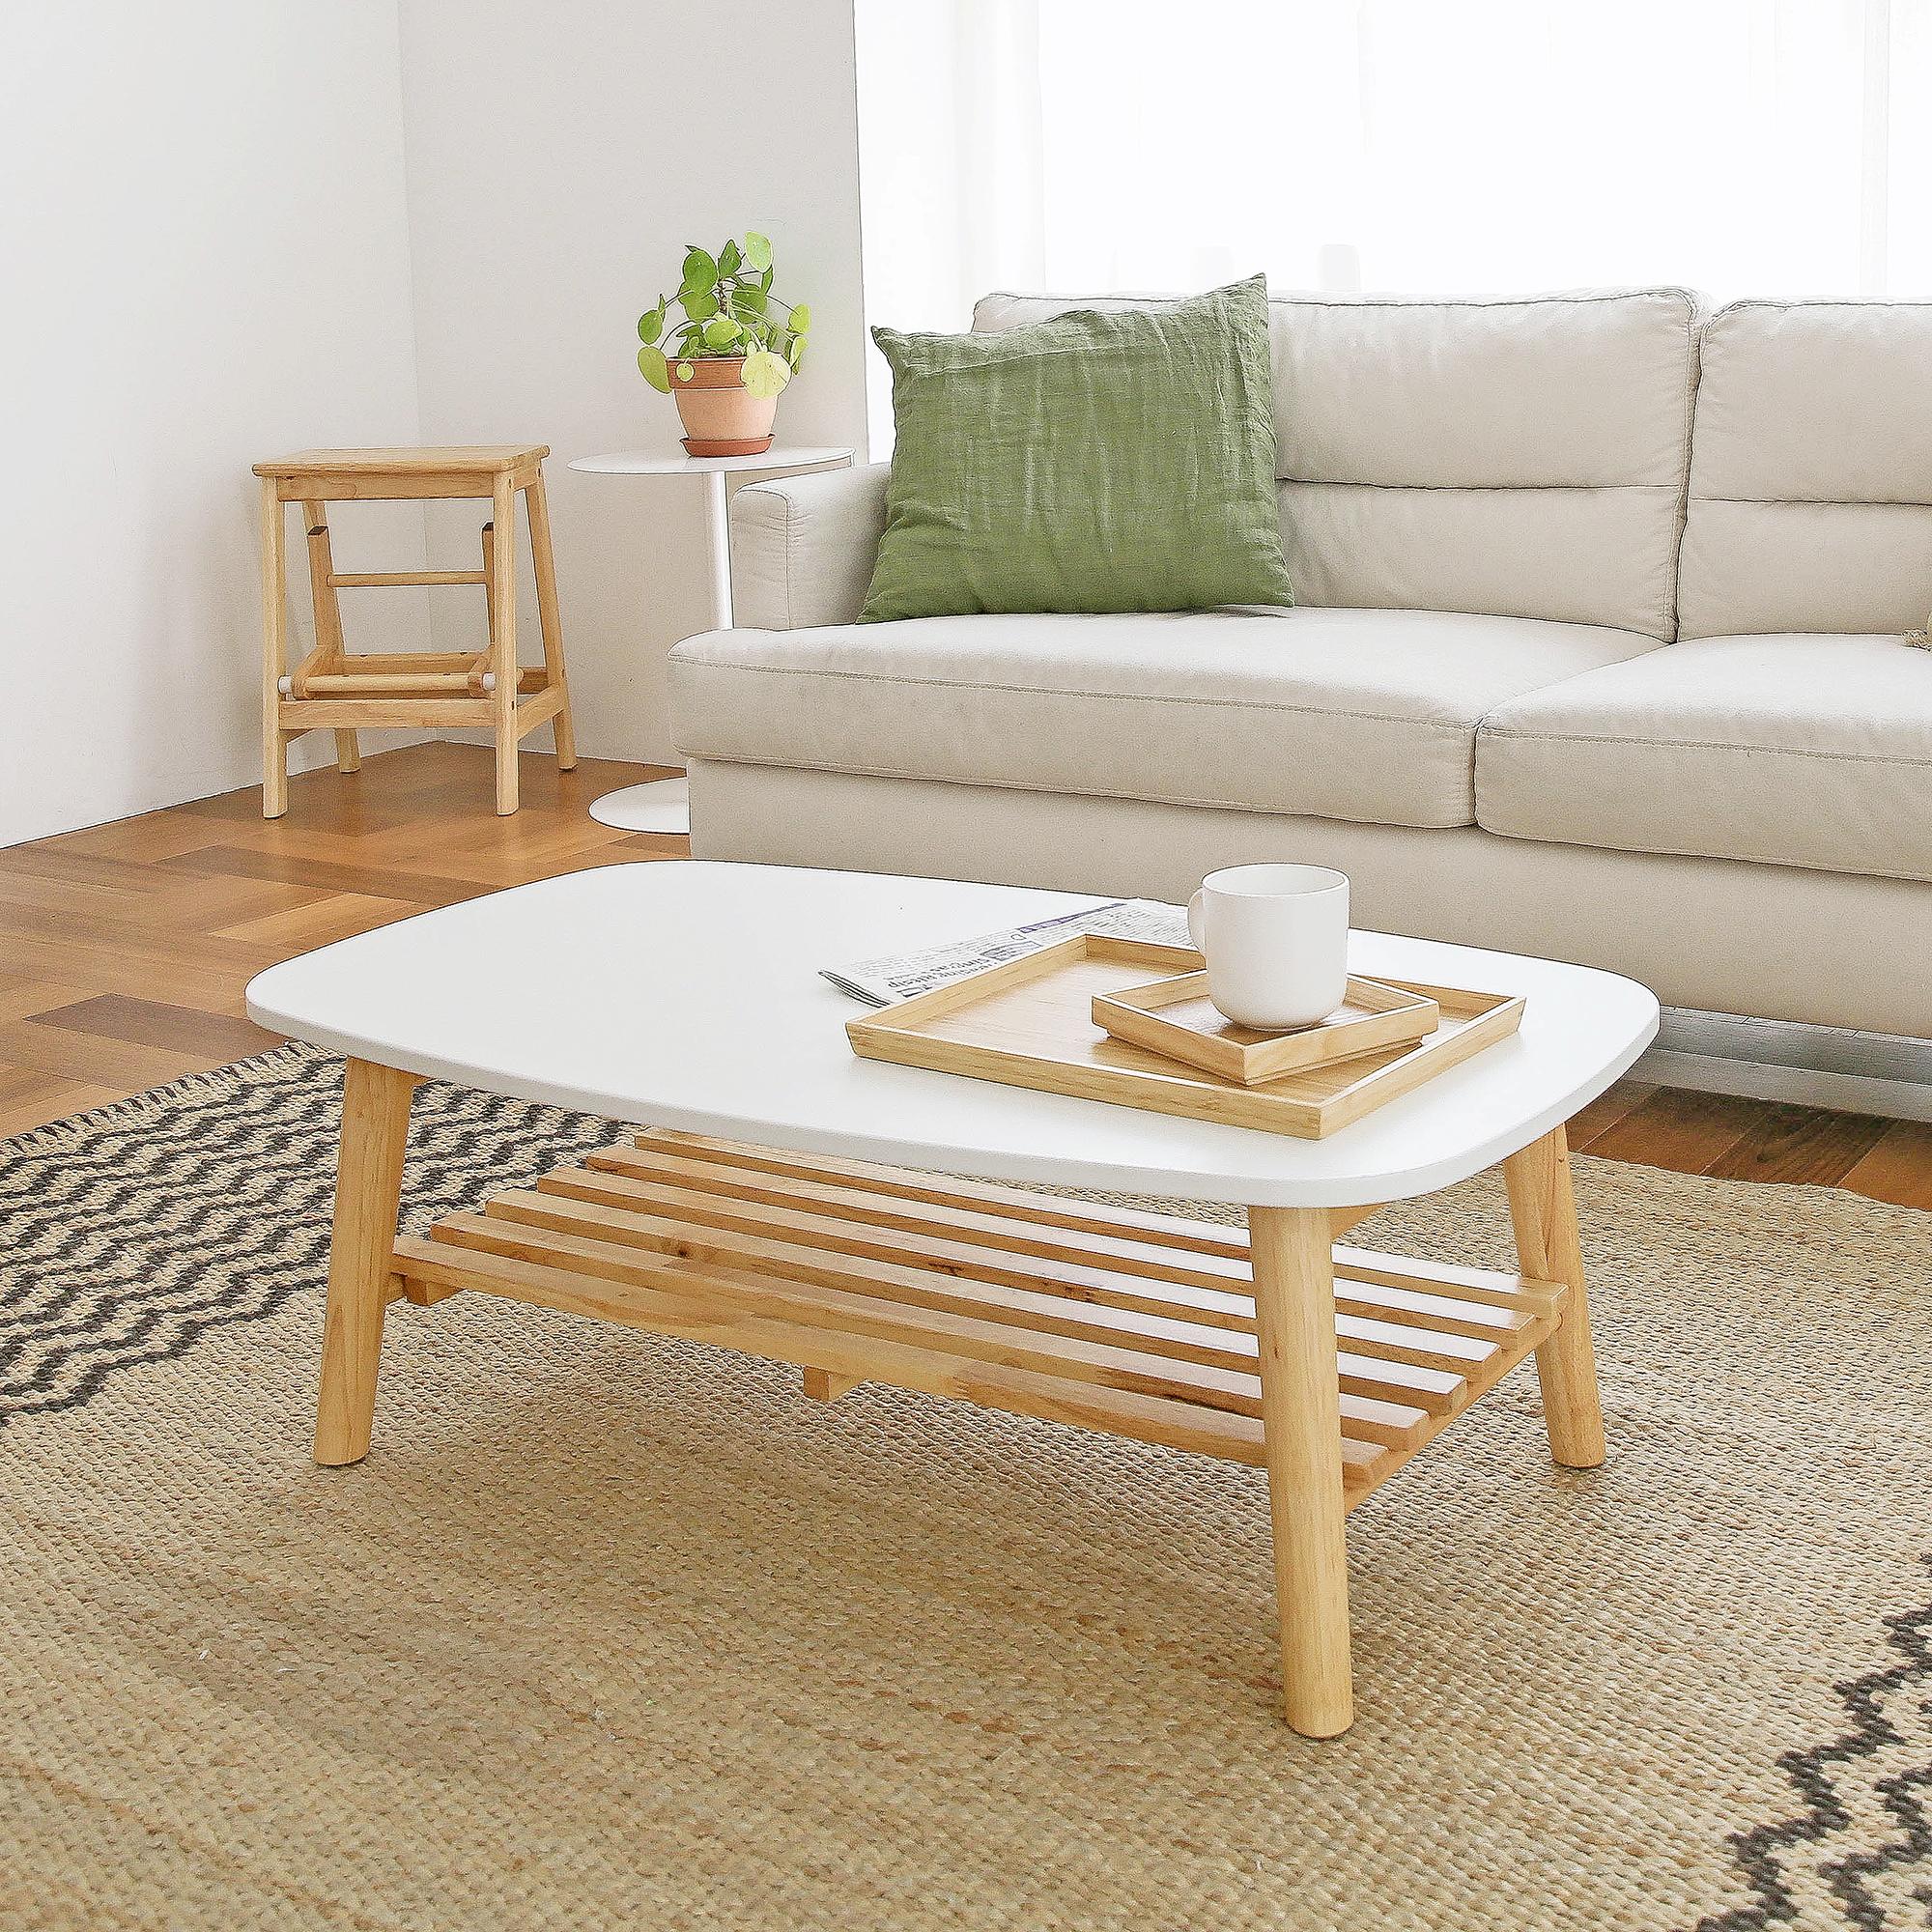 홈페리 라피네 선반 테이블, 화이트